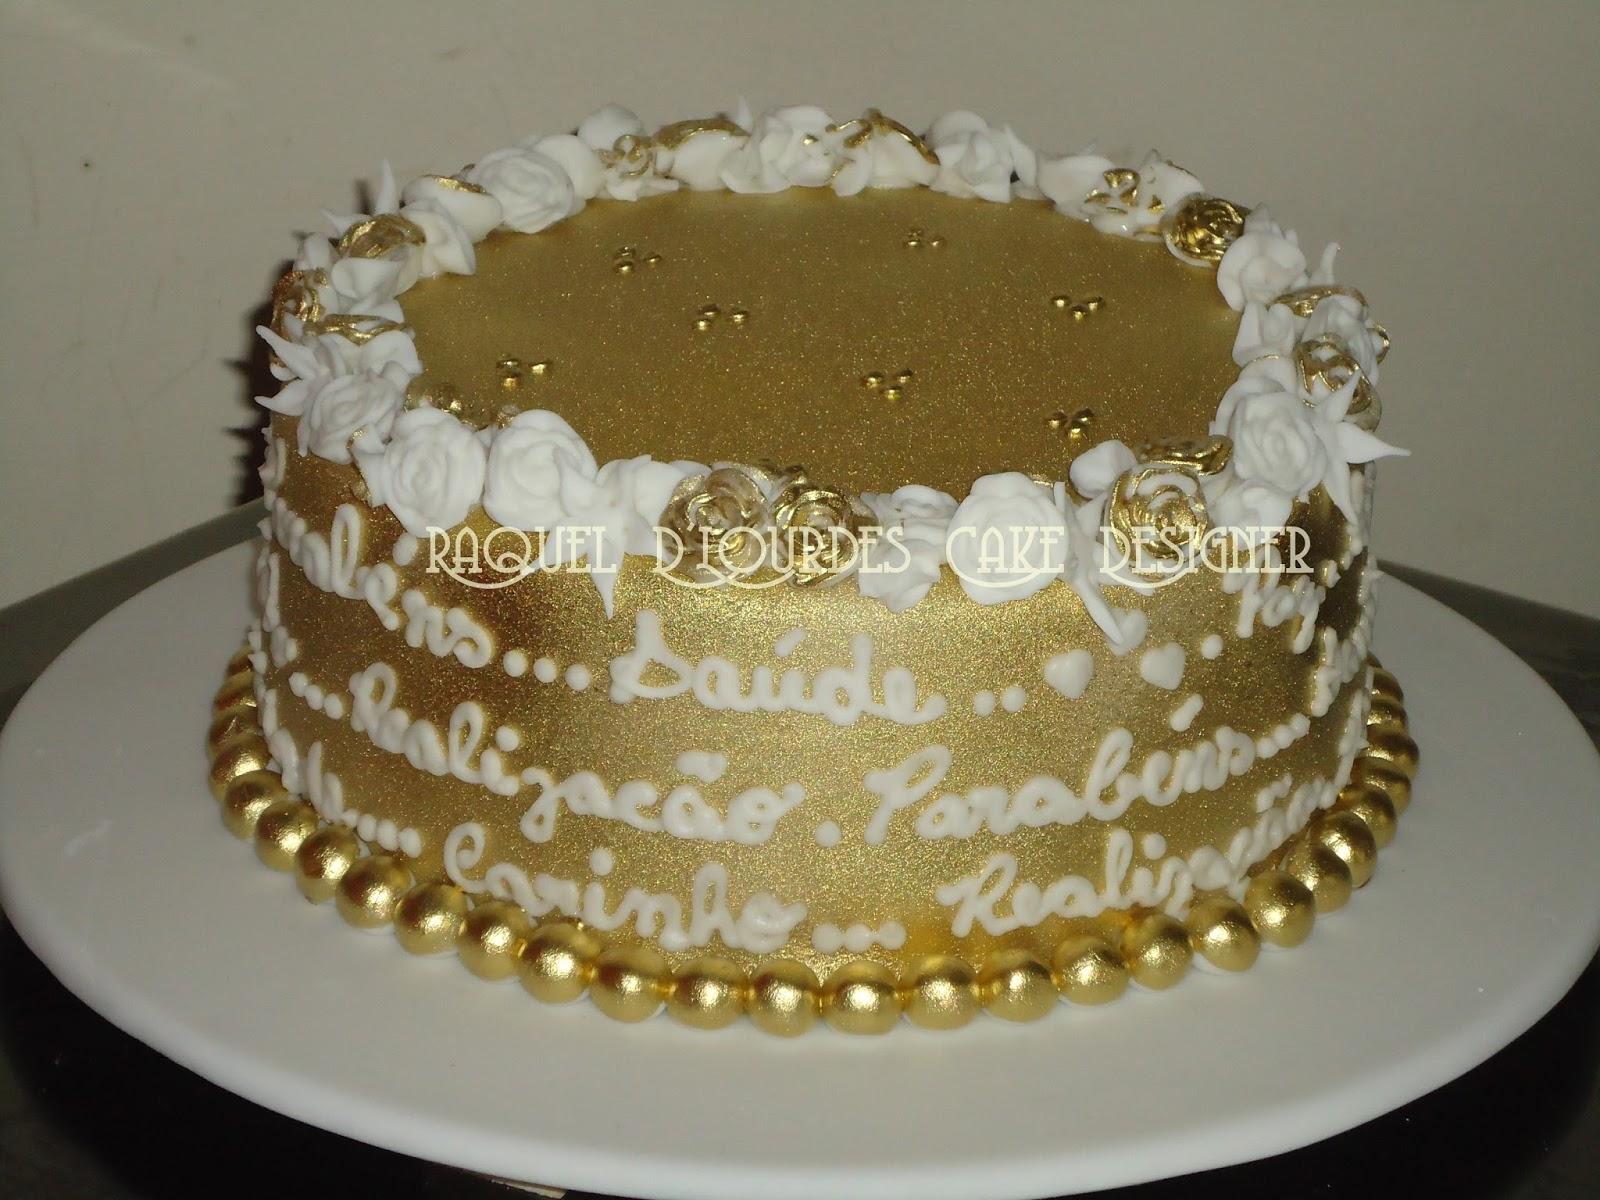 Raquel D Lourdes Cake Design Bolos E Mais Bolos